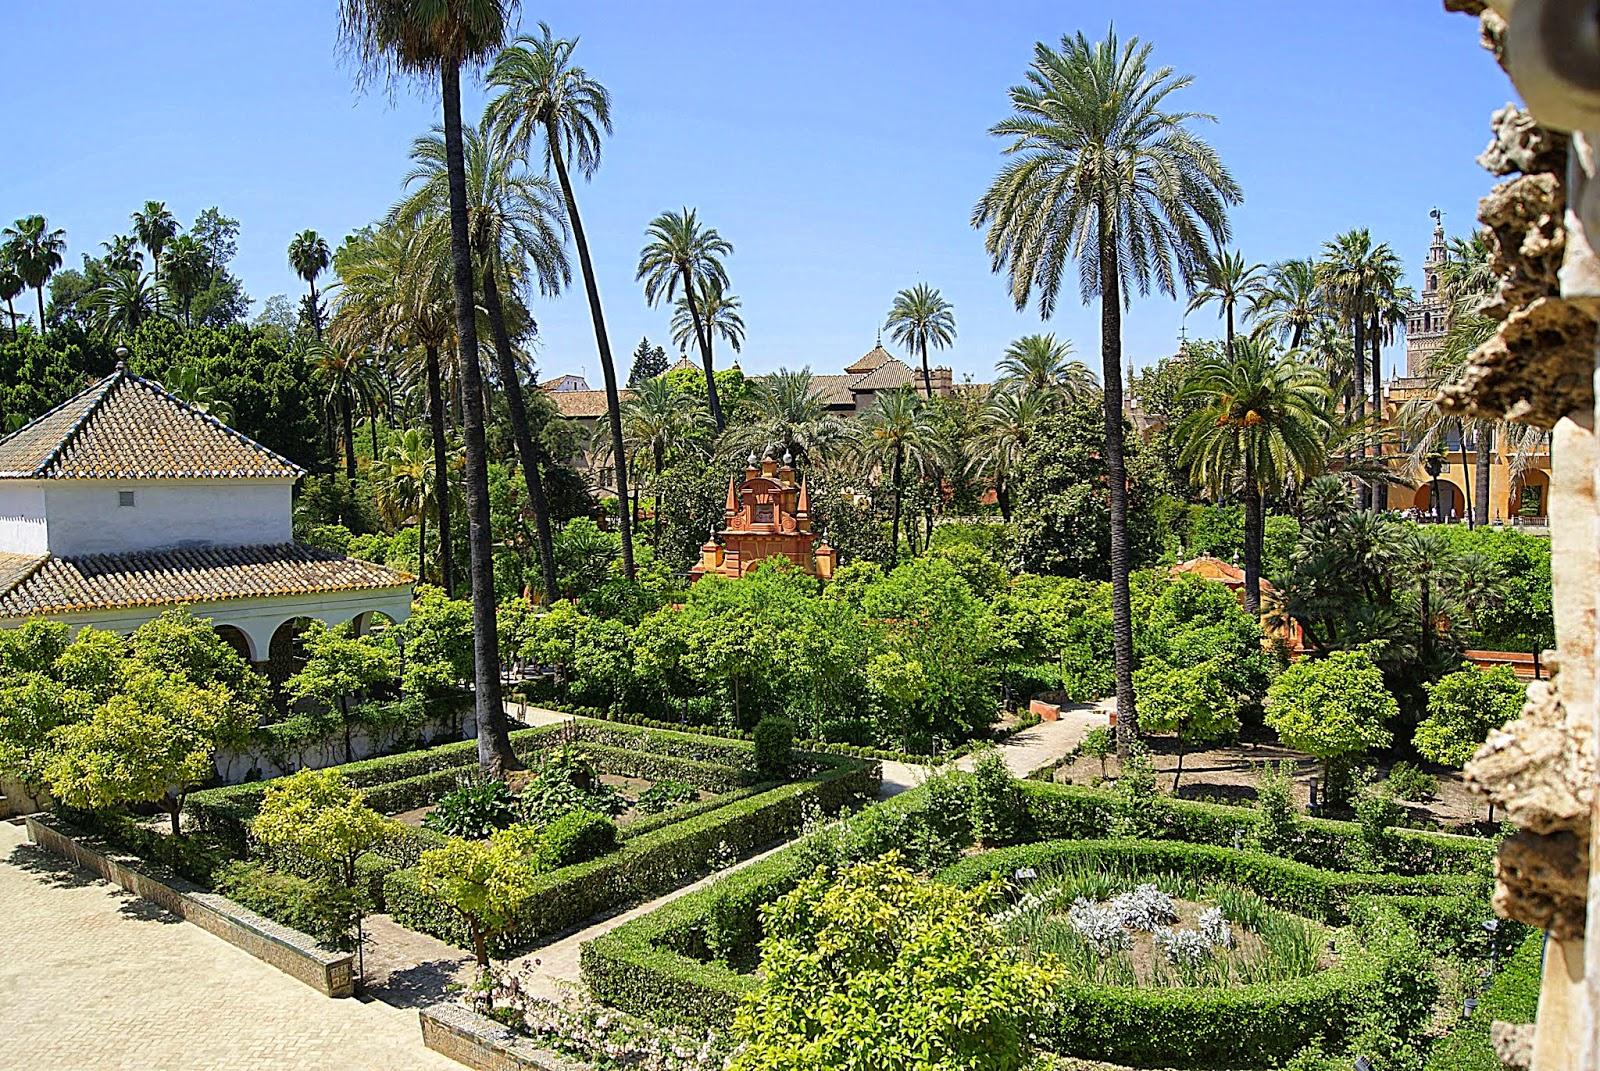 Leyendas de sevilla reales alc zares de sevilla vii los jardines viejos - Jardines de sevilla ...